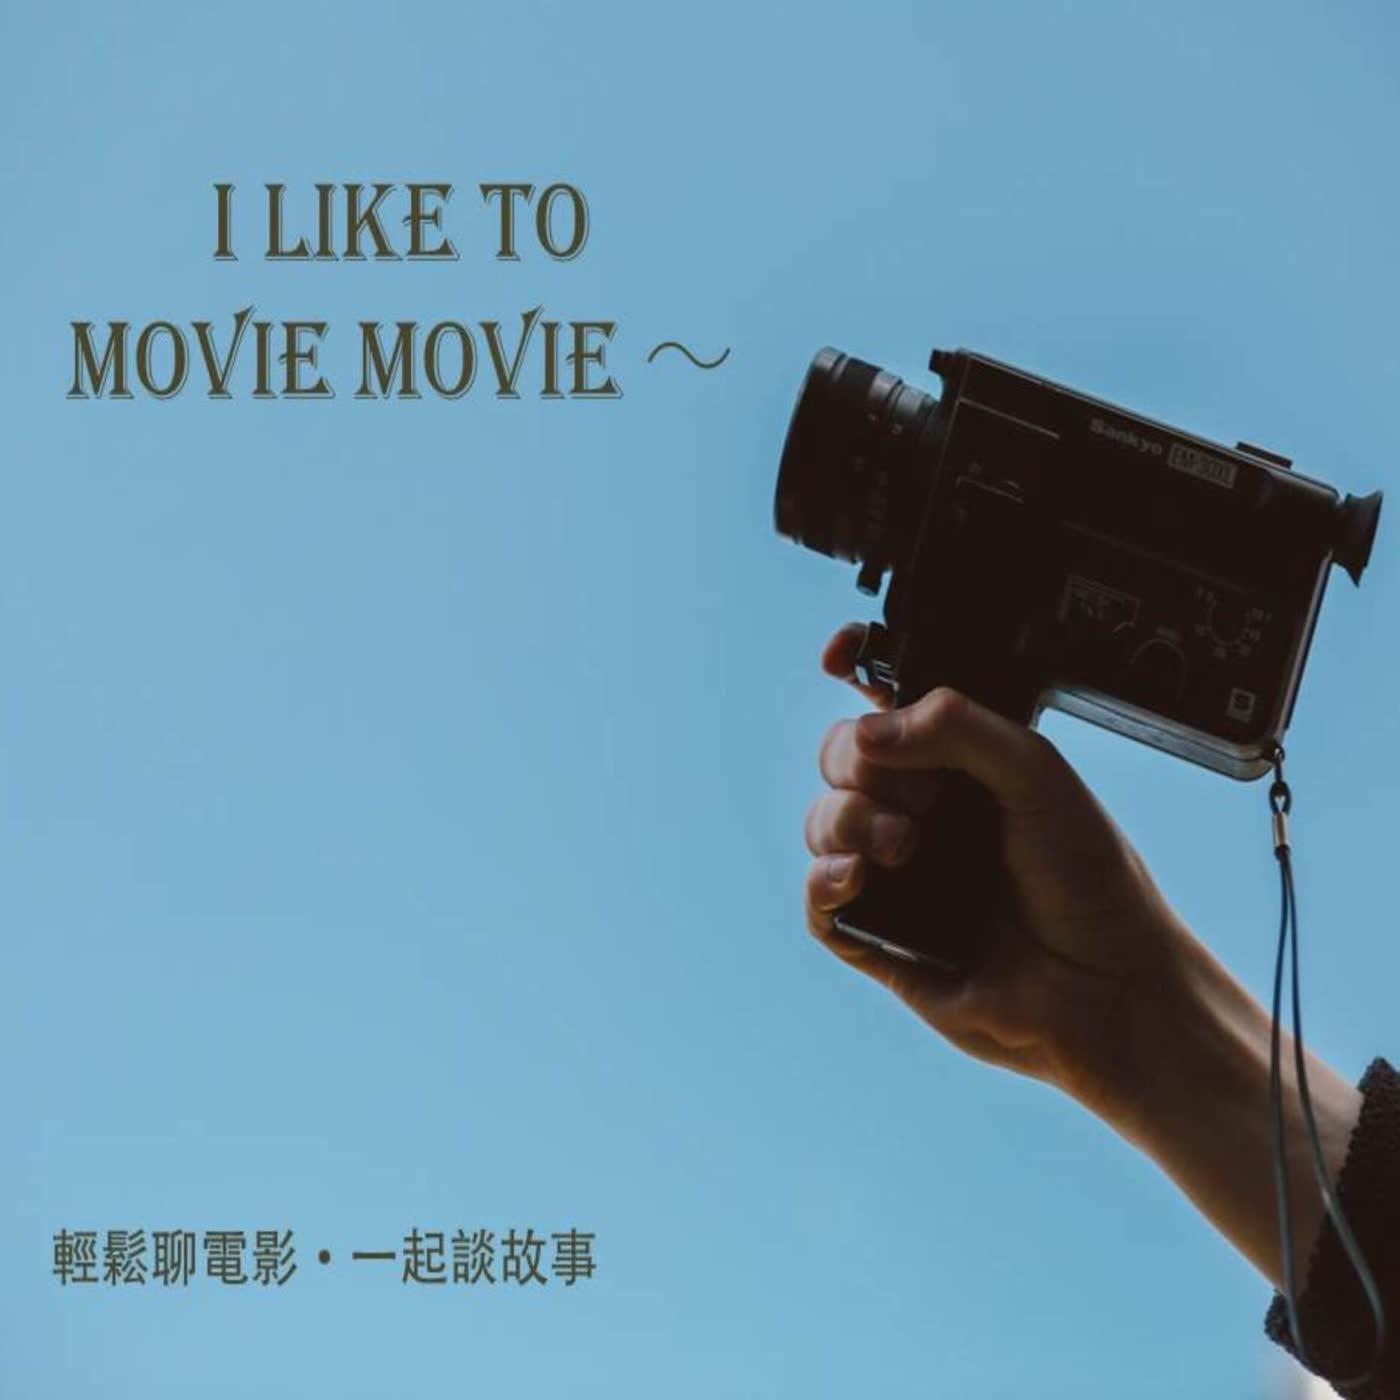 I like to movie movie~